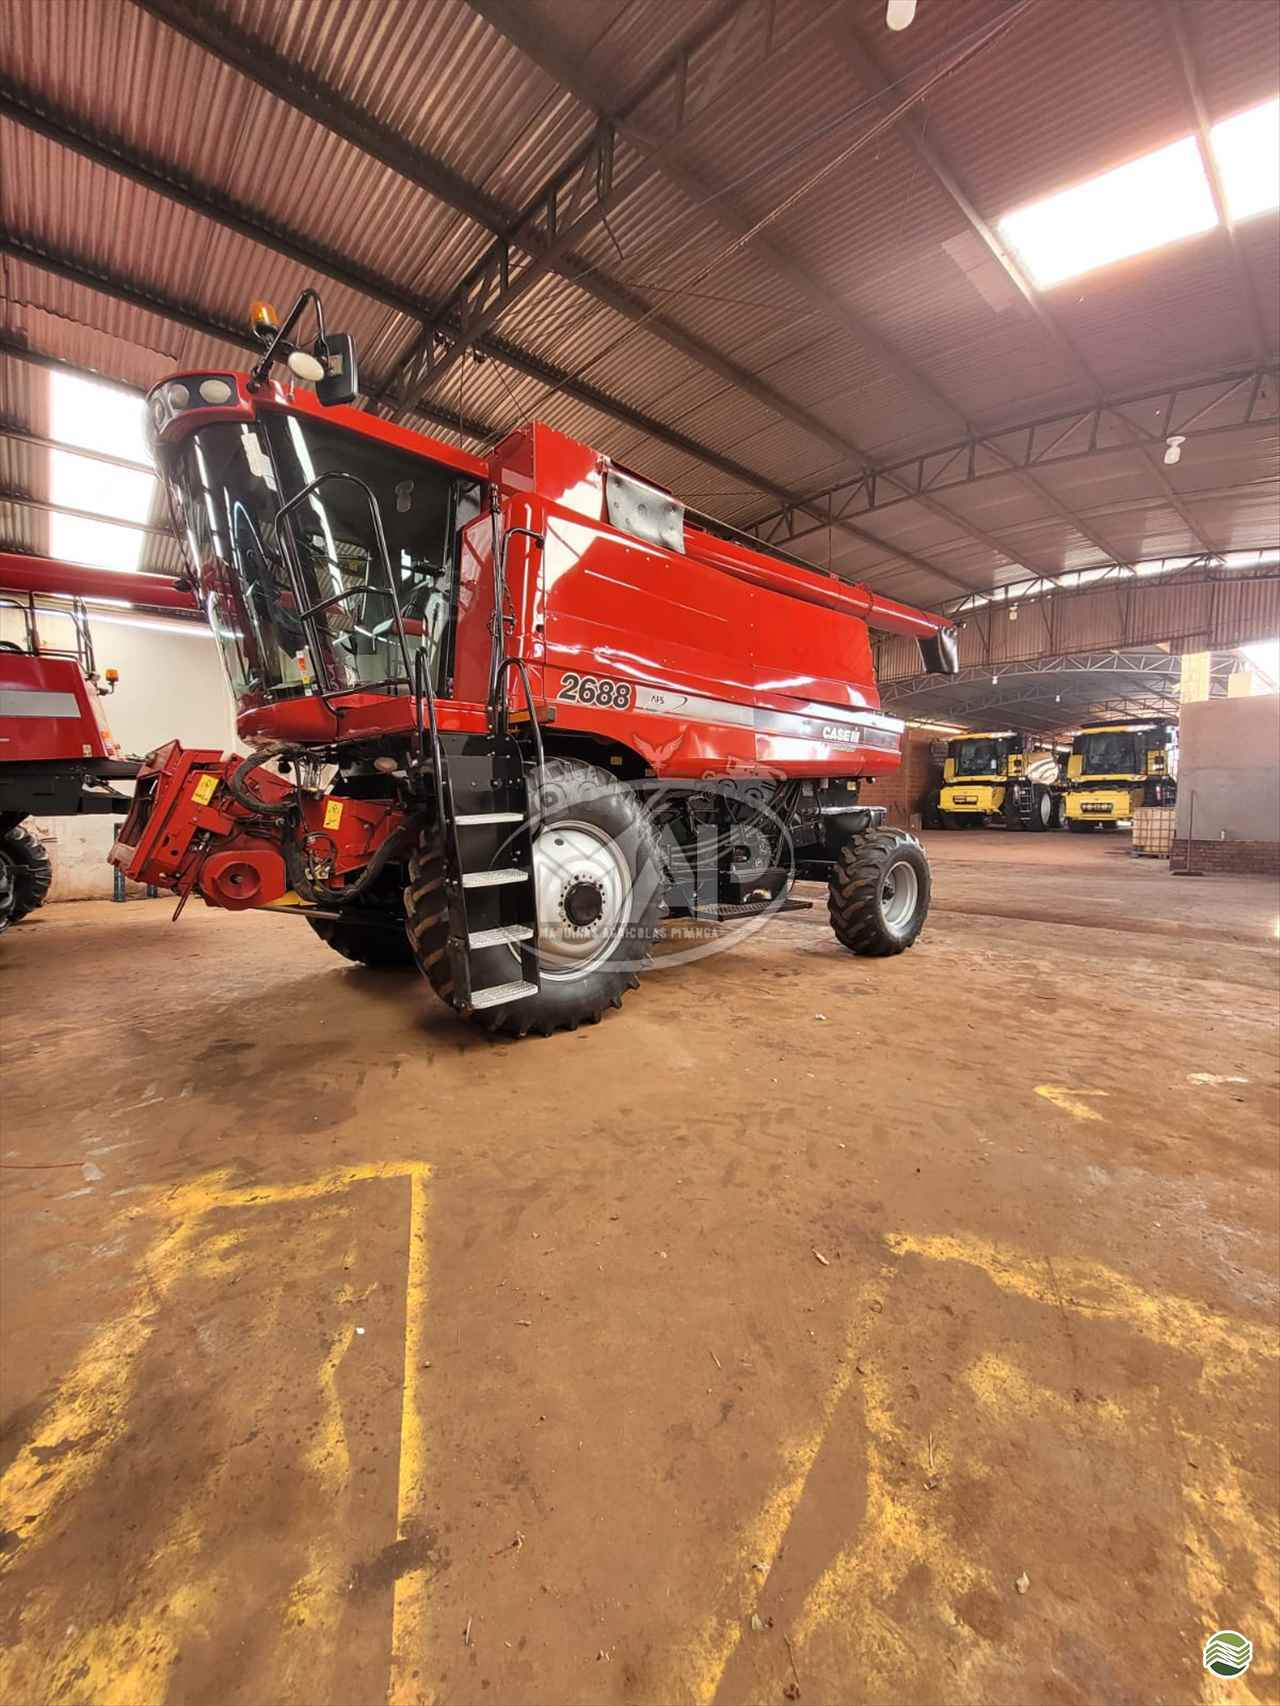 CASE 2688 de Máquinas Agrícolas Pitanga - PITANGA/PR